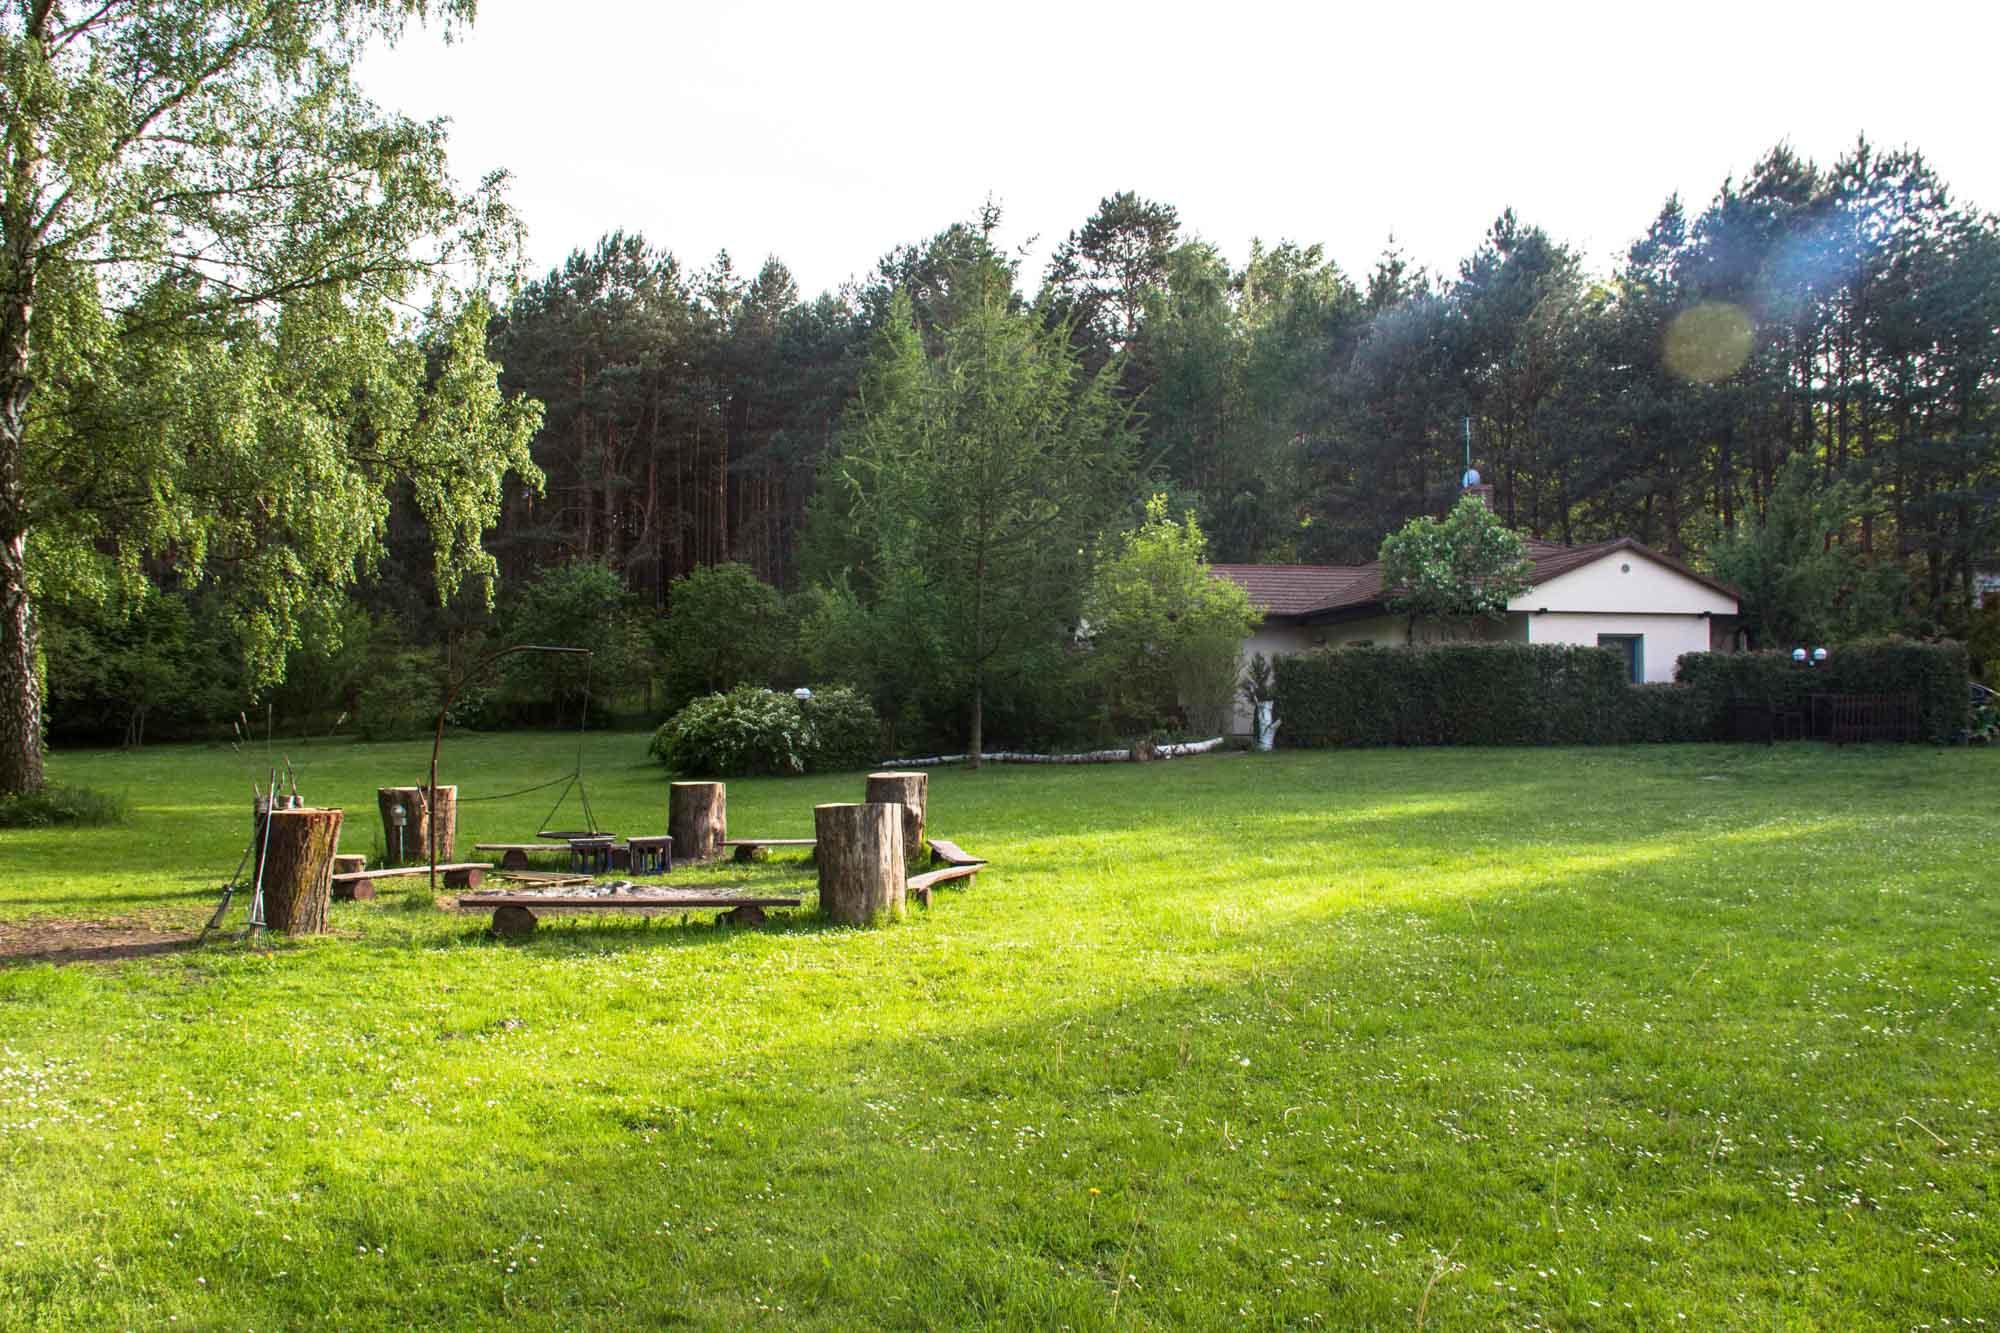 Hektar terenu nad jeziorem, idealne miejsce dla par, cisza i spokój, przyroda, ryby, grzyby